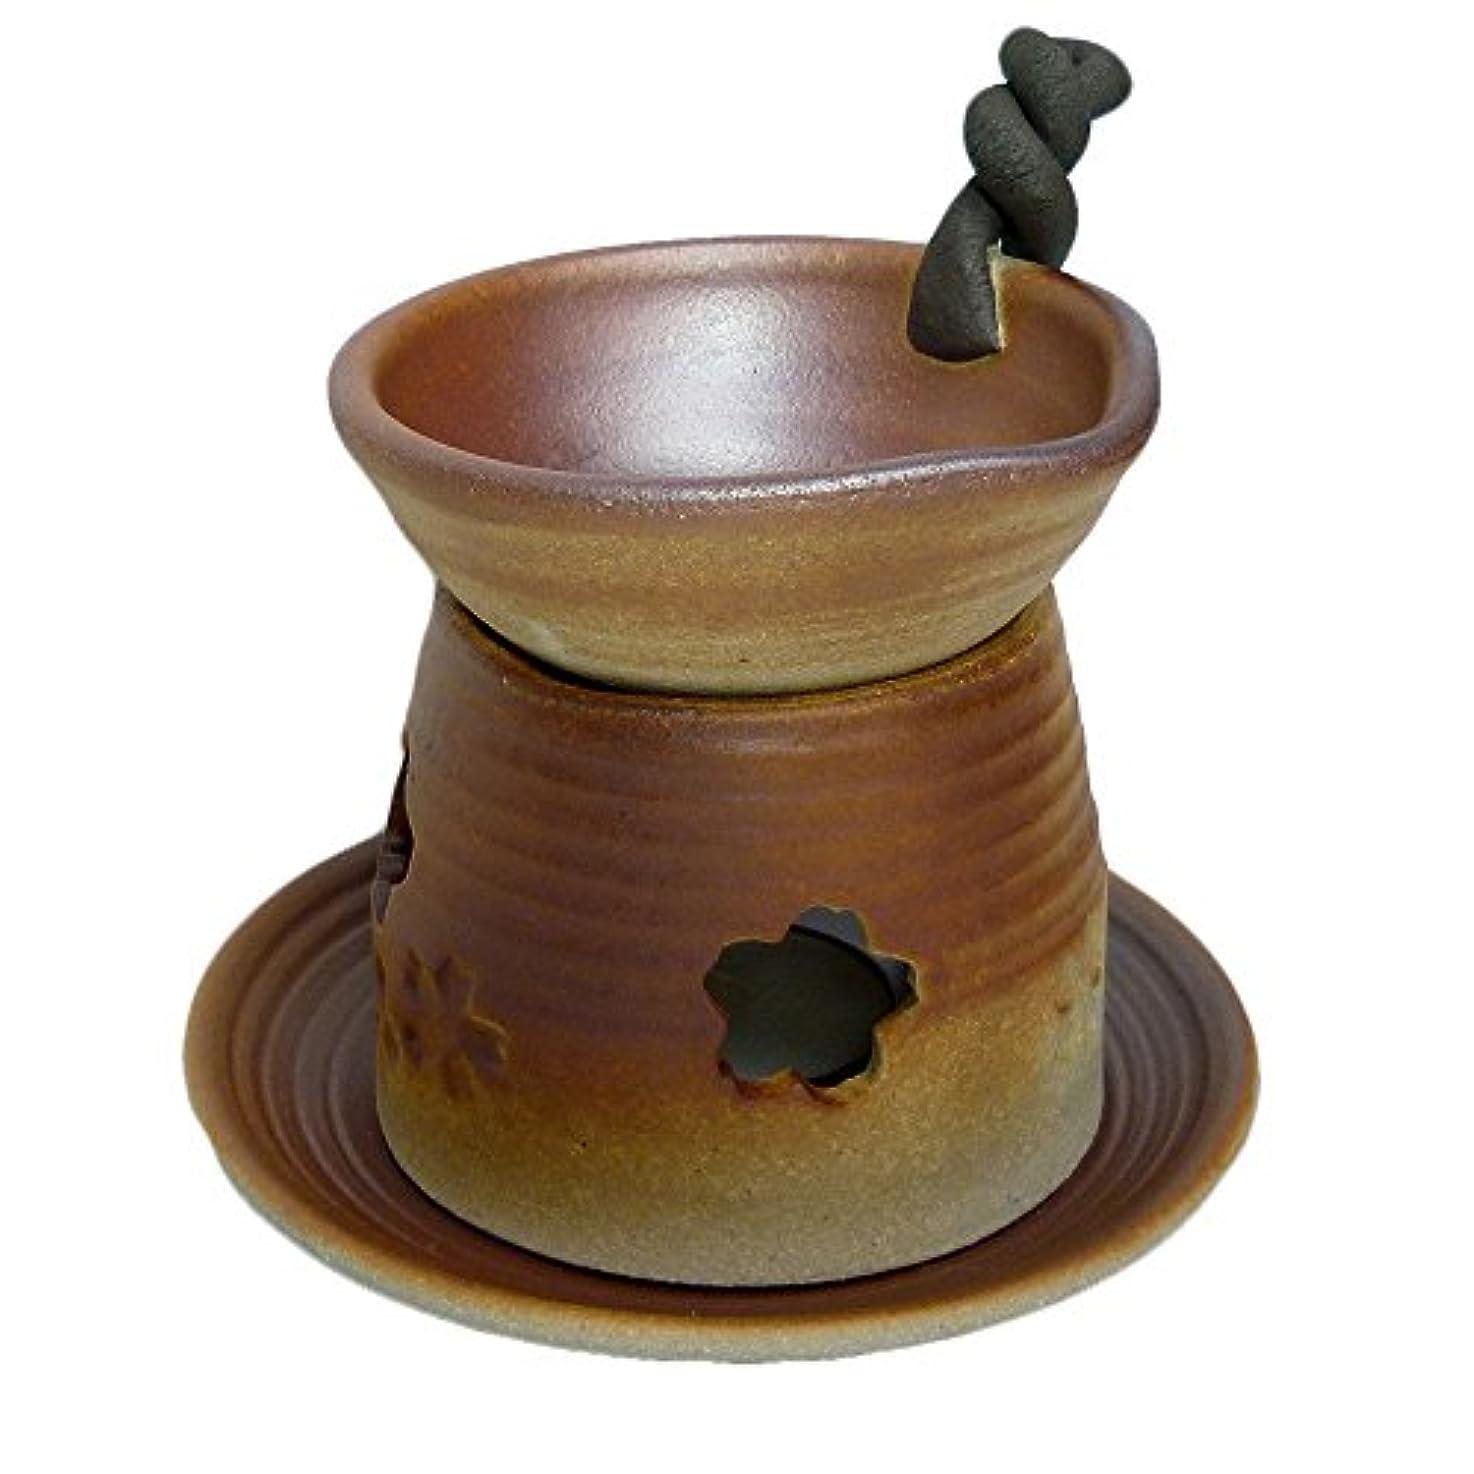 蒸留する最も遠い接ぎ木香炉 錆吹き 手付茶香炉 [H13.5cm] HANDMADE プレゼント ギフト 和食器 かわいい インテリア